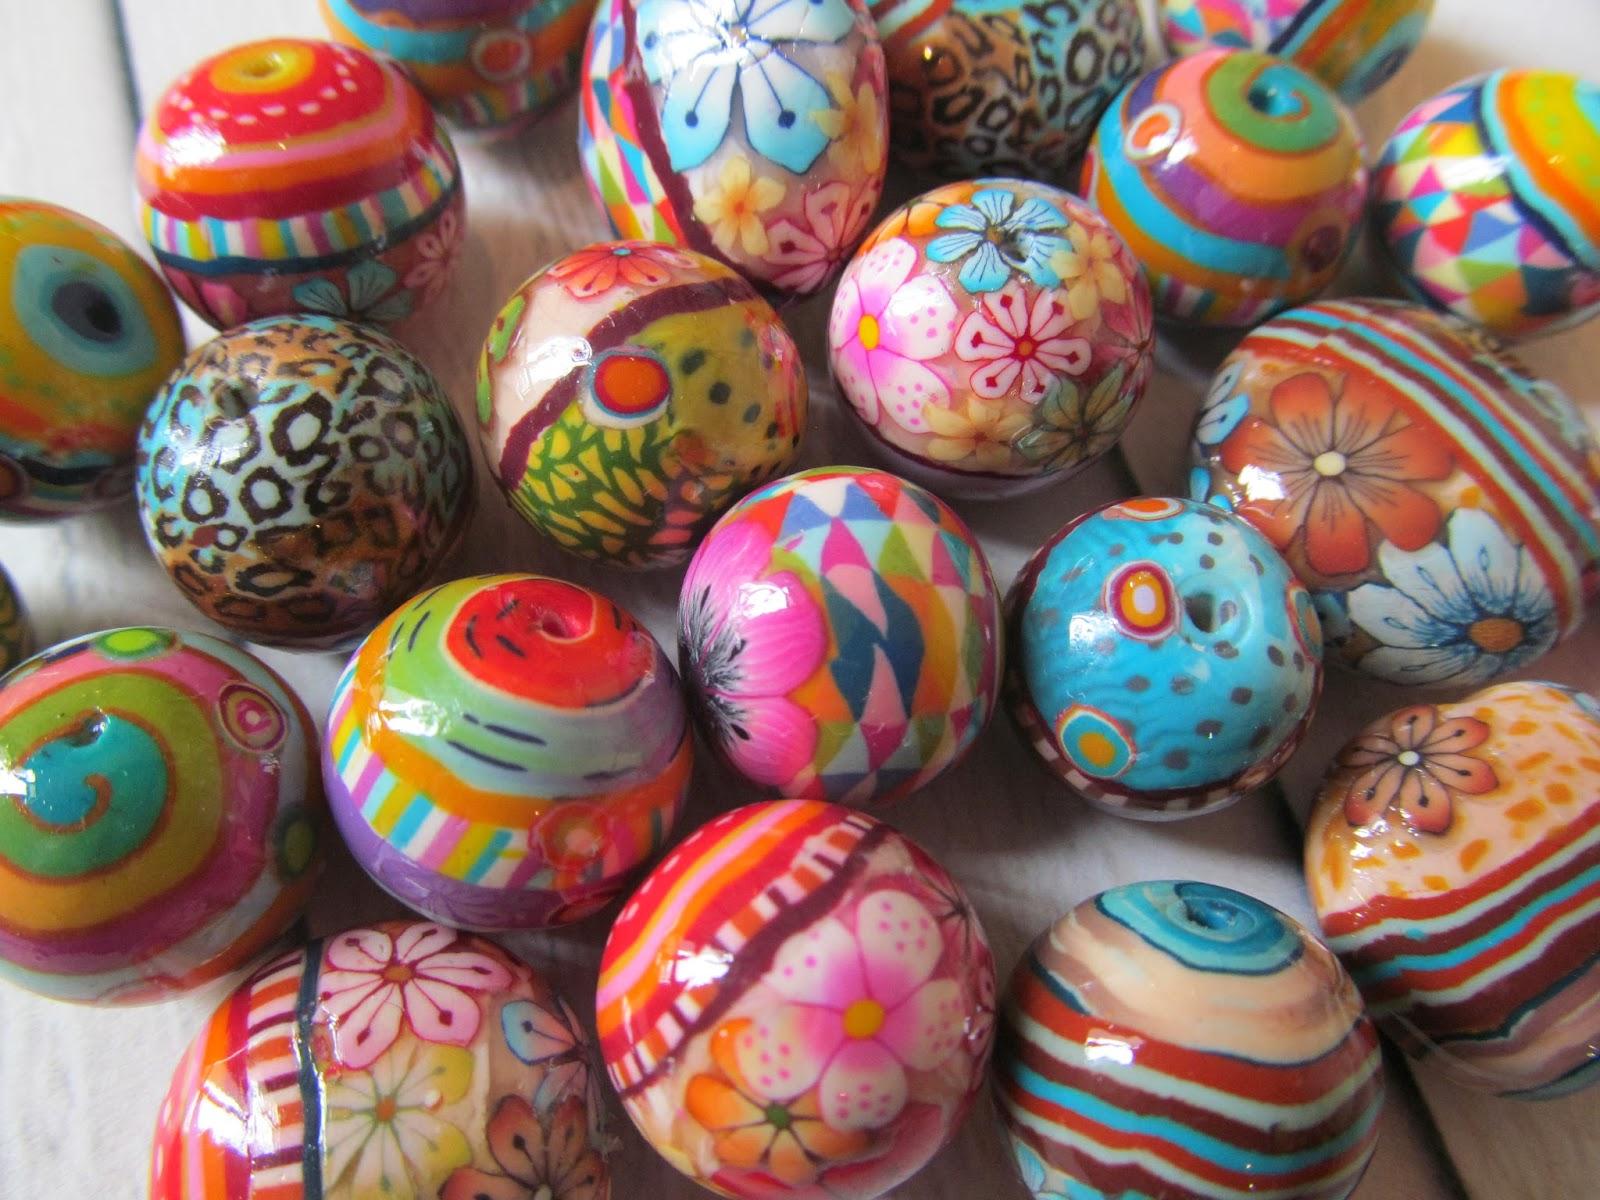 חימר פולימרי, חרוזי פימו,חרוזי חימר פולימרי,גלילי פימו,גלילי חימר פולימרי fimo beads,polymer clay beads,